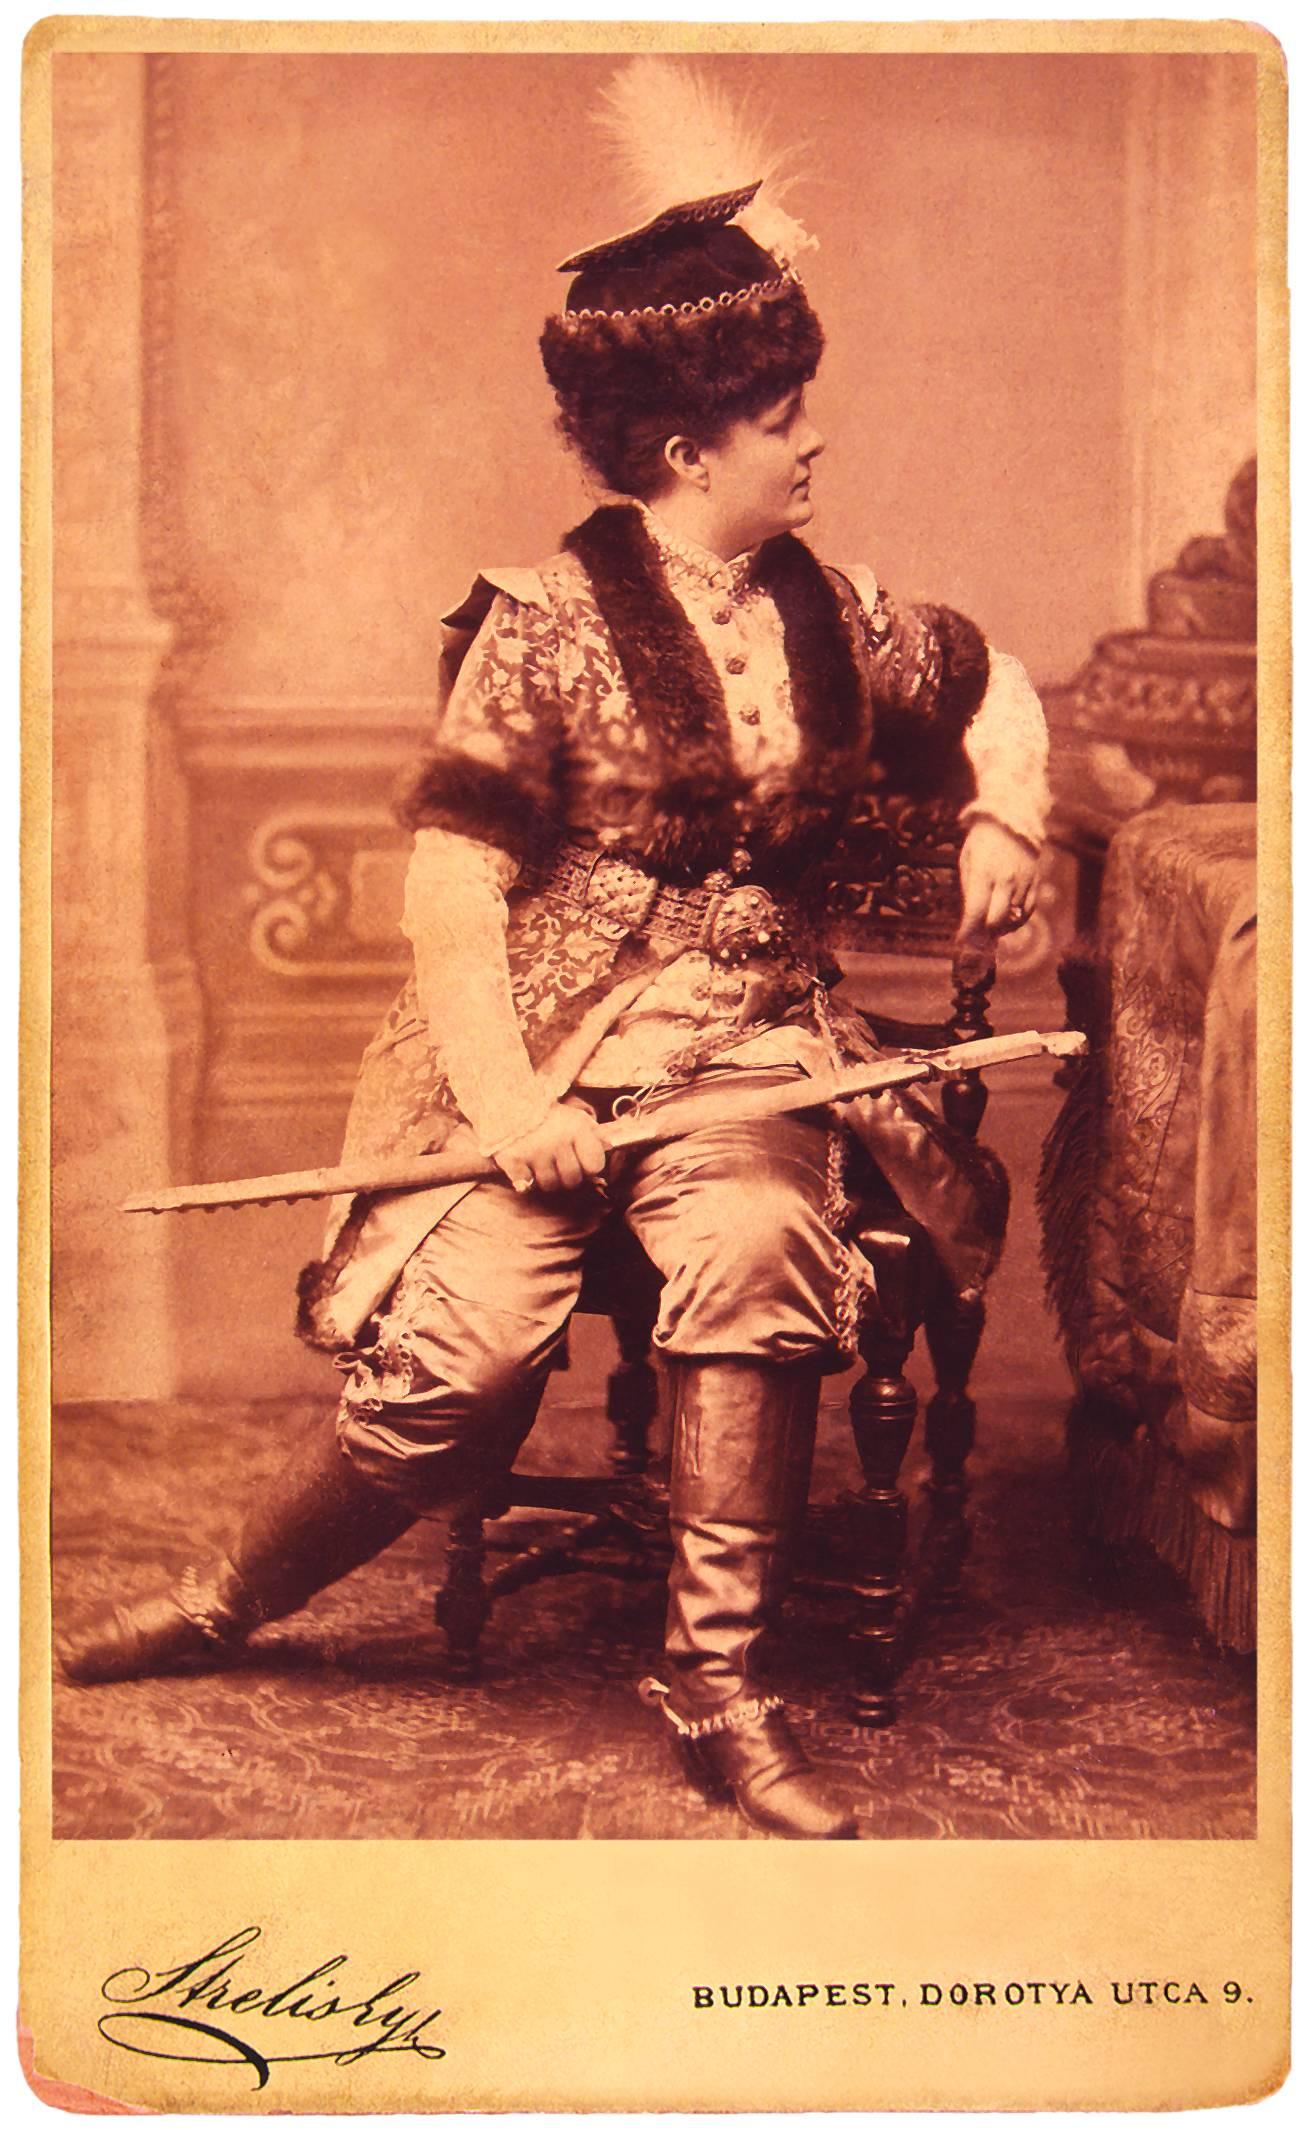 Blaha Lujza mint Simon Karl Millöcker A koldusdiák című operetjében. Népszínház, 1883. febr. 23. Strelisky felvétele. – Színháztörténeti Tár<br />